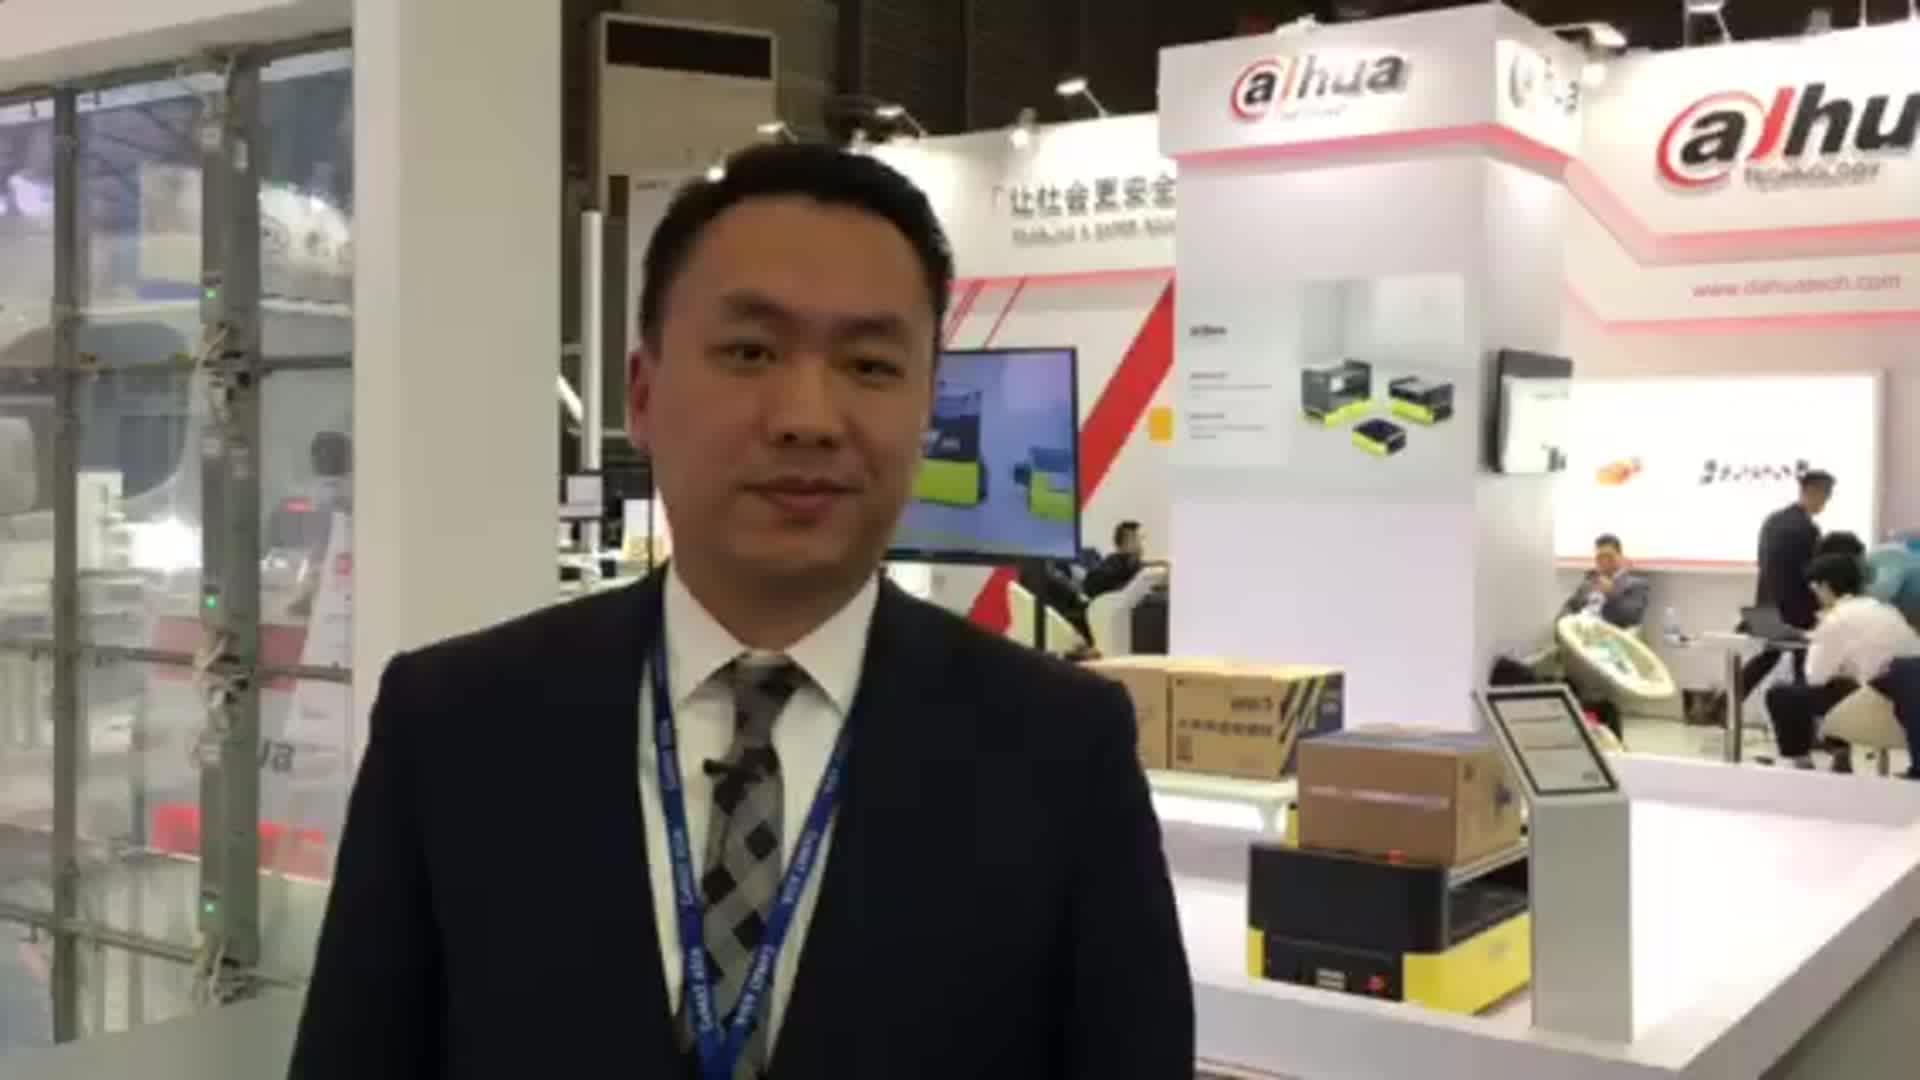 安吉物流展台介绍:安吉智能物联技术首席执行官 金宾先生